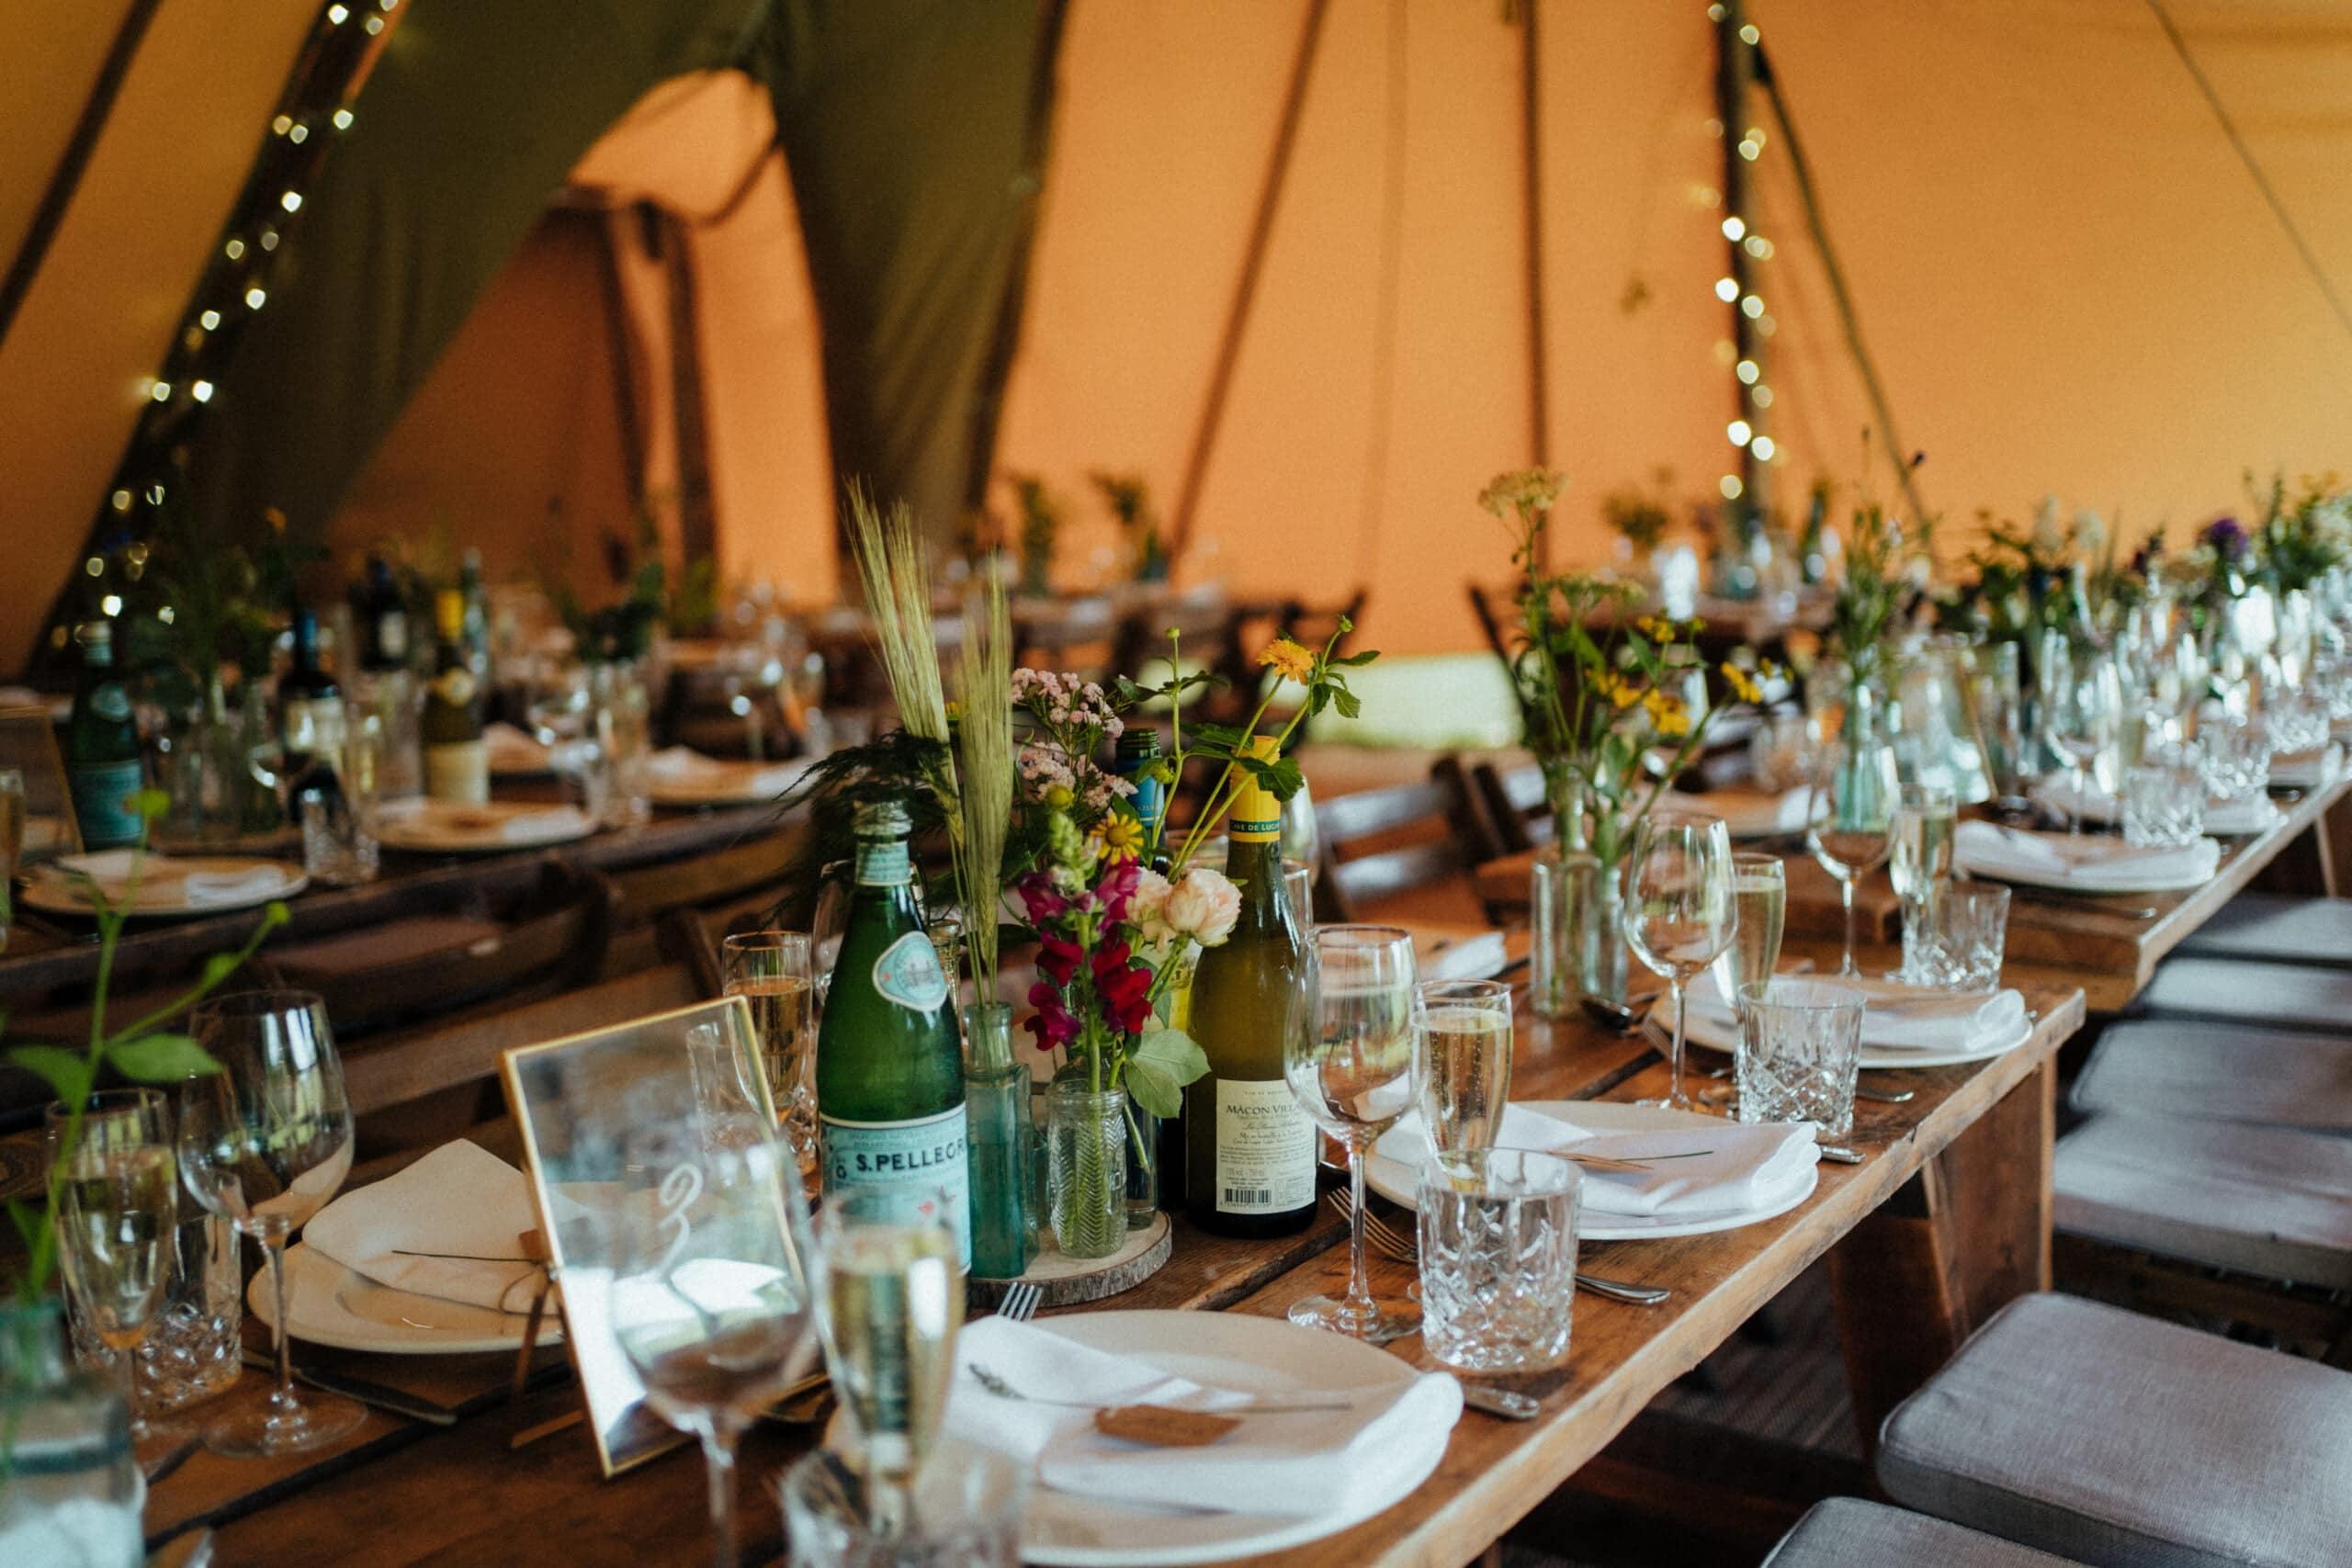 rustic tipi wedding table setup